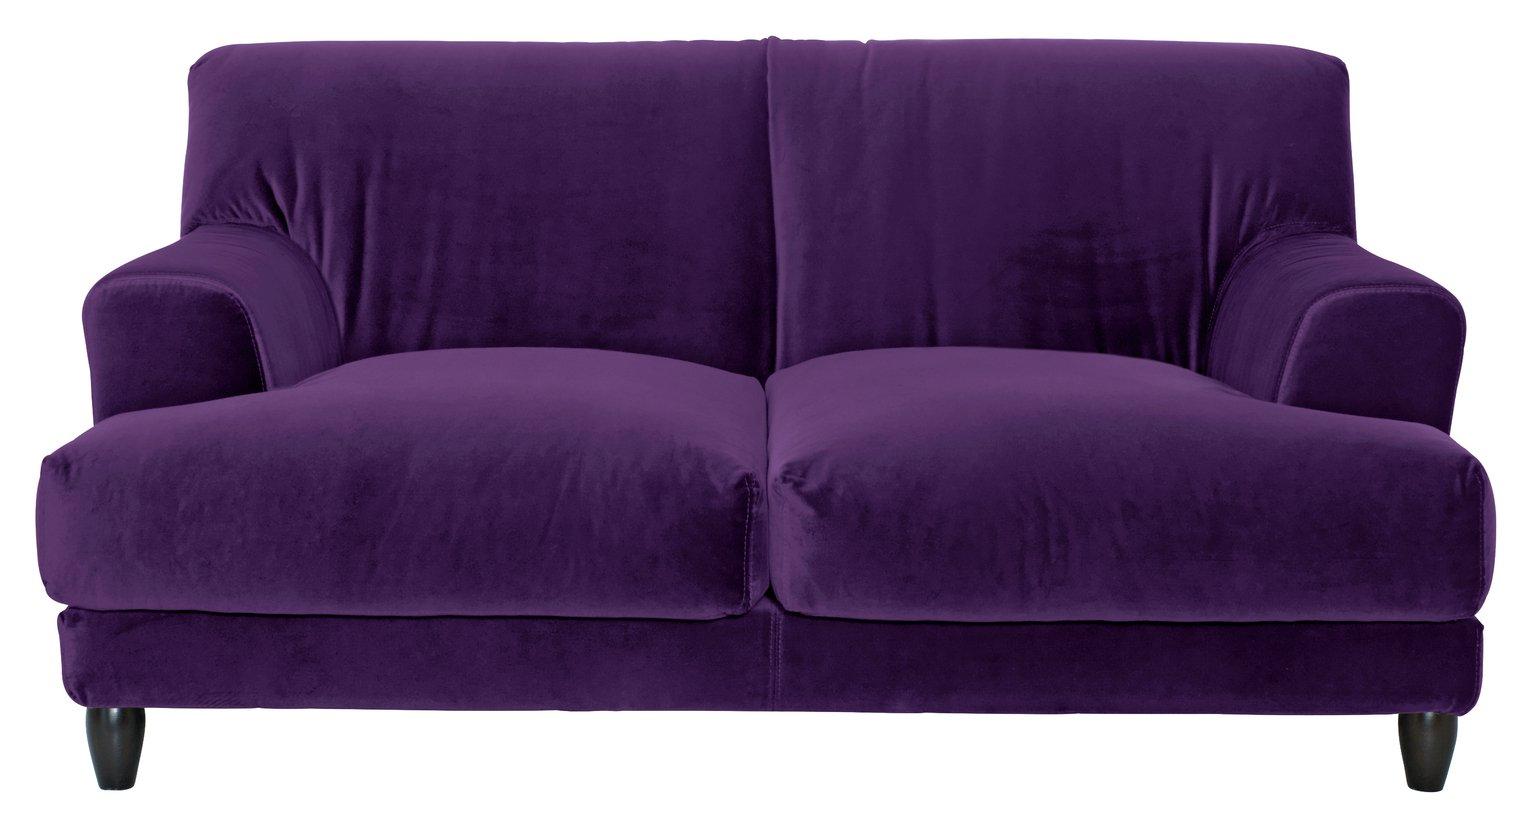 Habitat Askem 2 Seater Velvet Sofa - dark purple